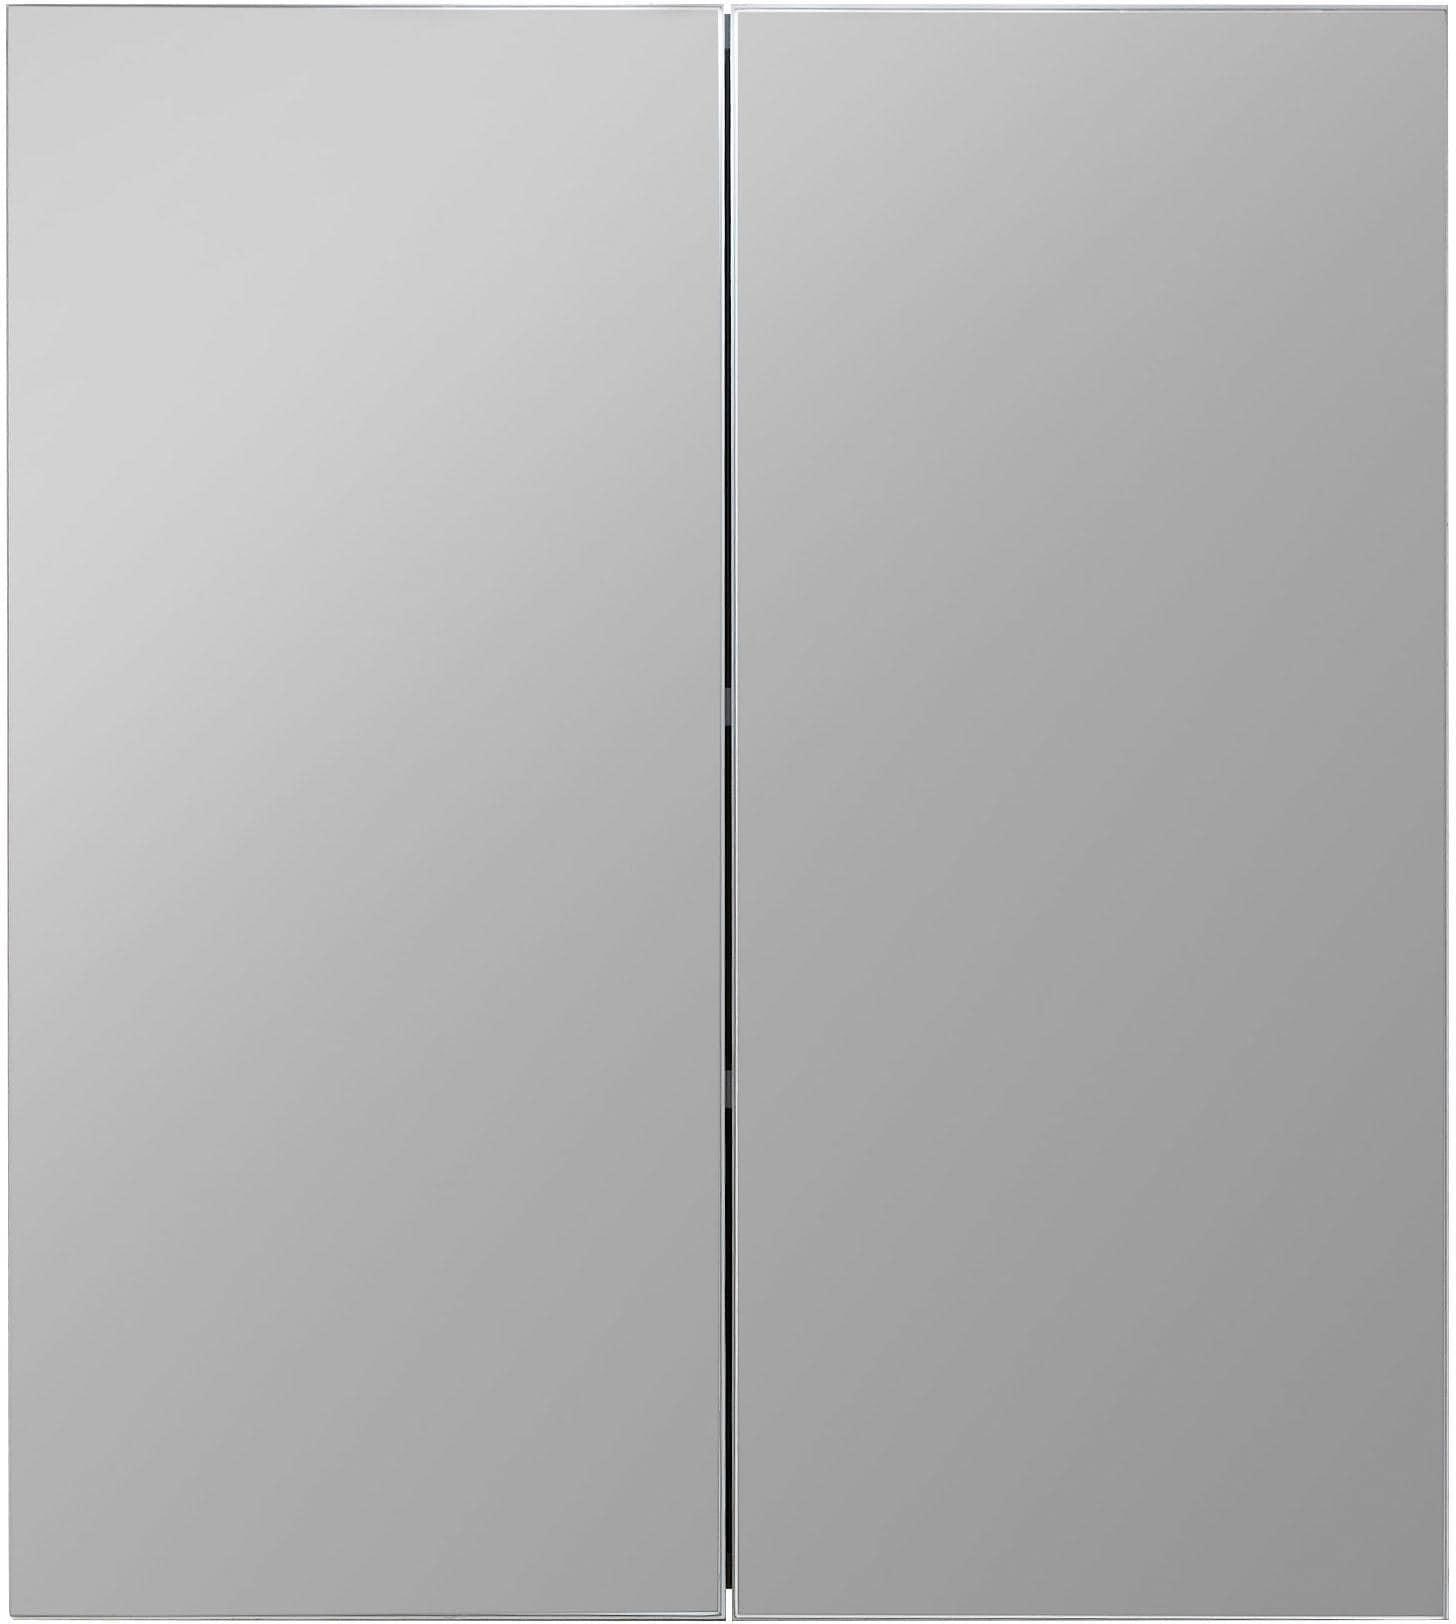 Spiegelschrank Skin Wohnen/Möbel/Badmöbel/Spiegelschränke/Spiegelschränke ohne Beleuchtung